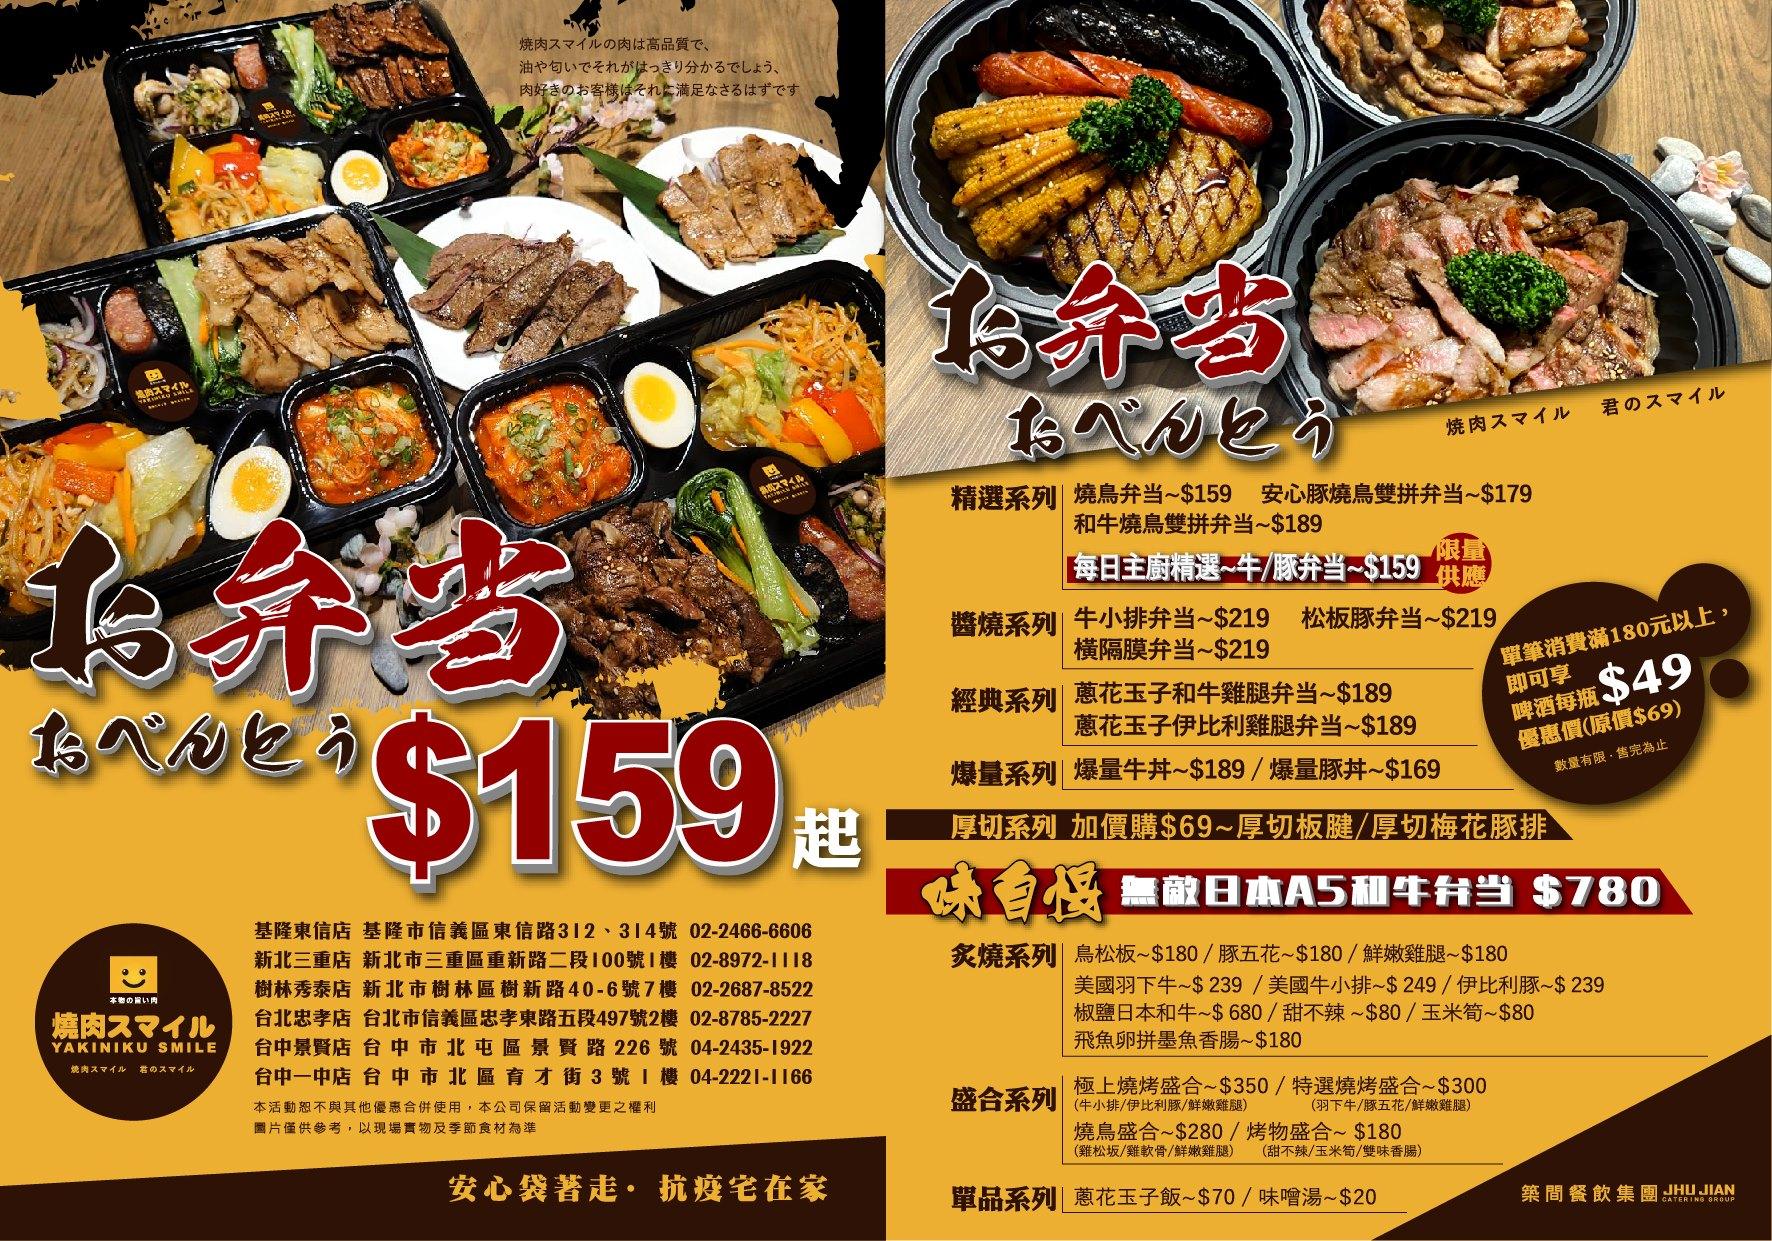 台北外帶美食 優惠餐廳總整理 防疫期間外帶優惠總整理! 連鎖品牌外帶優惠懶人包 67